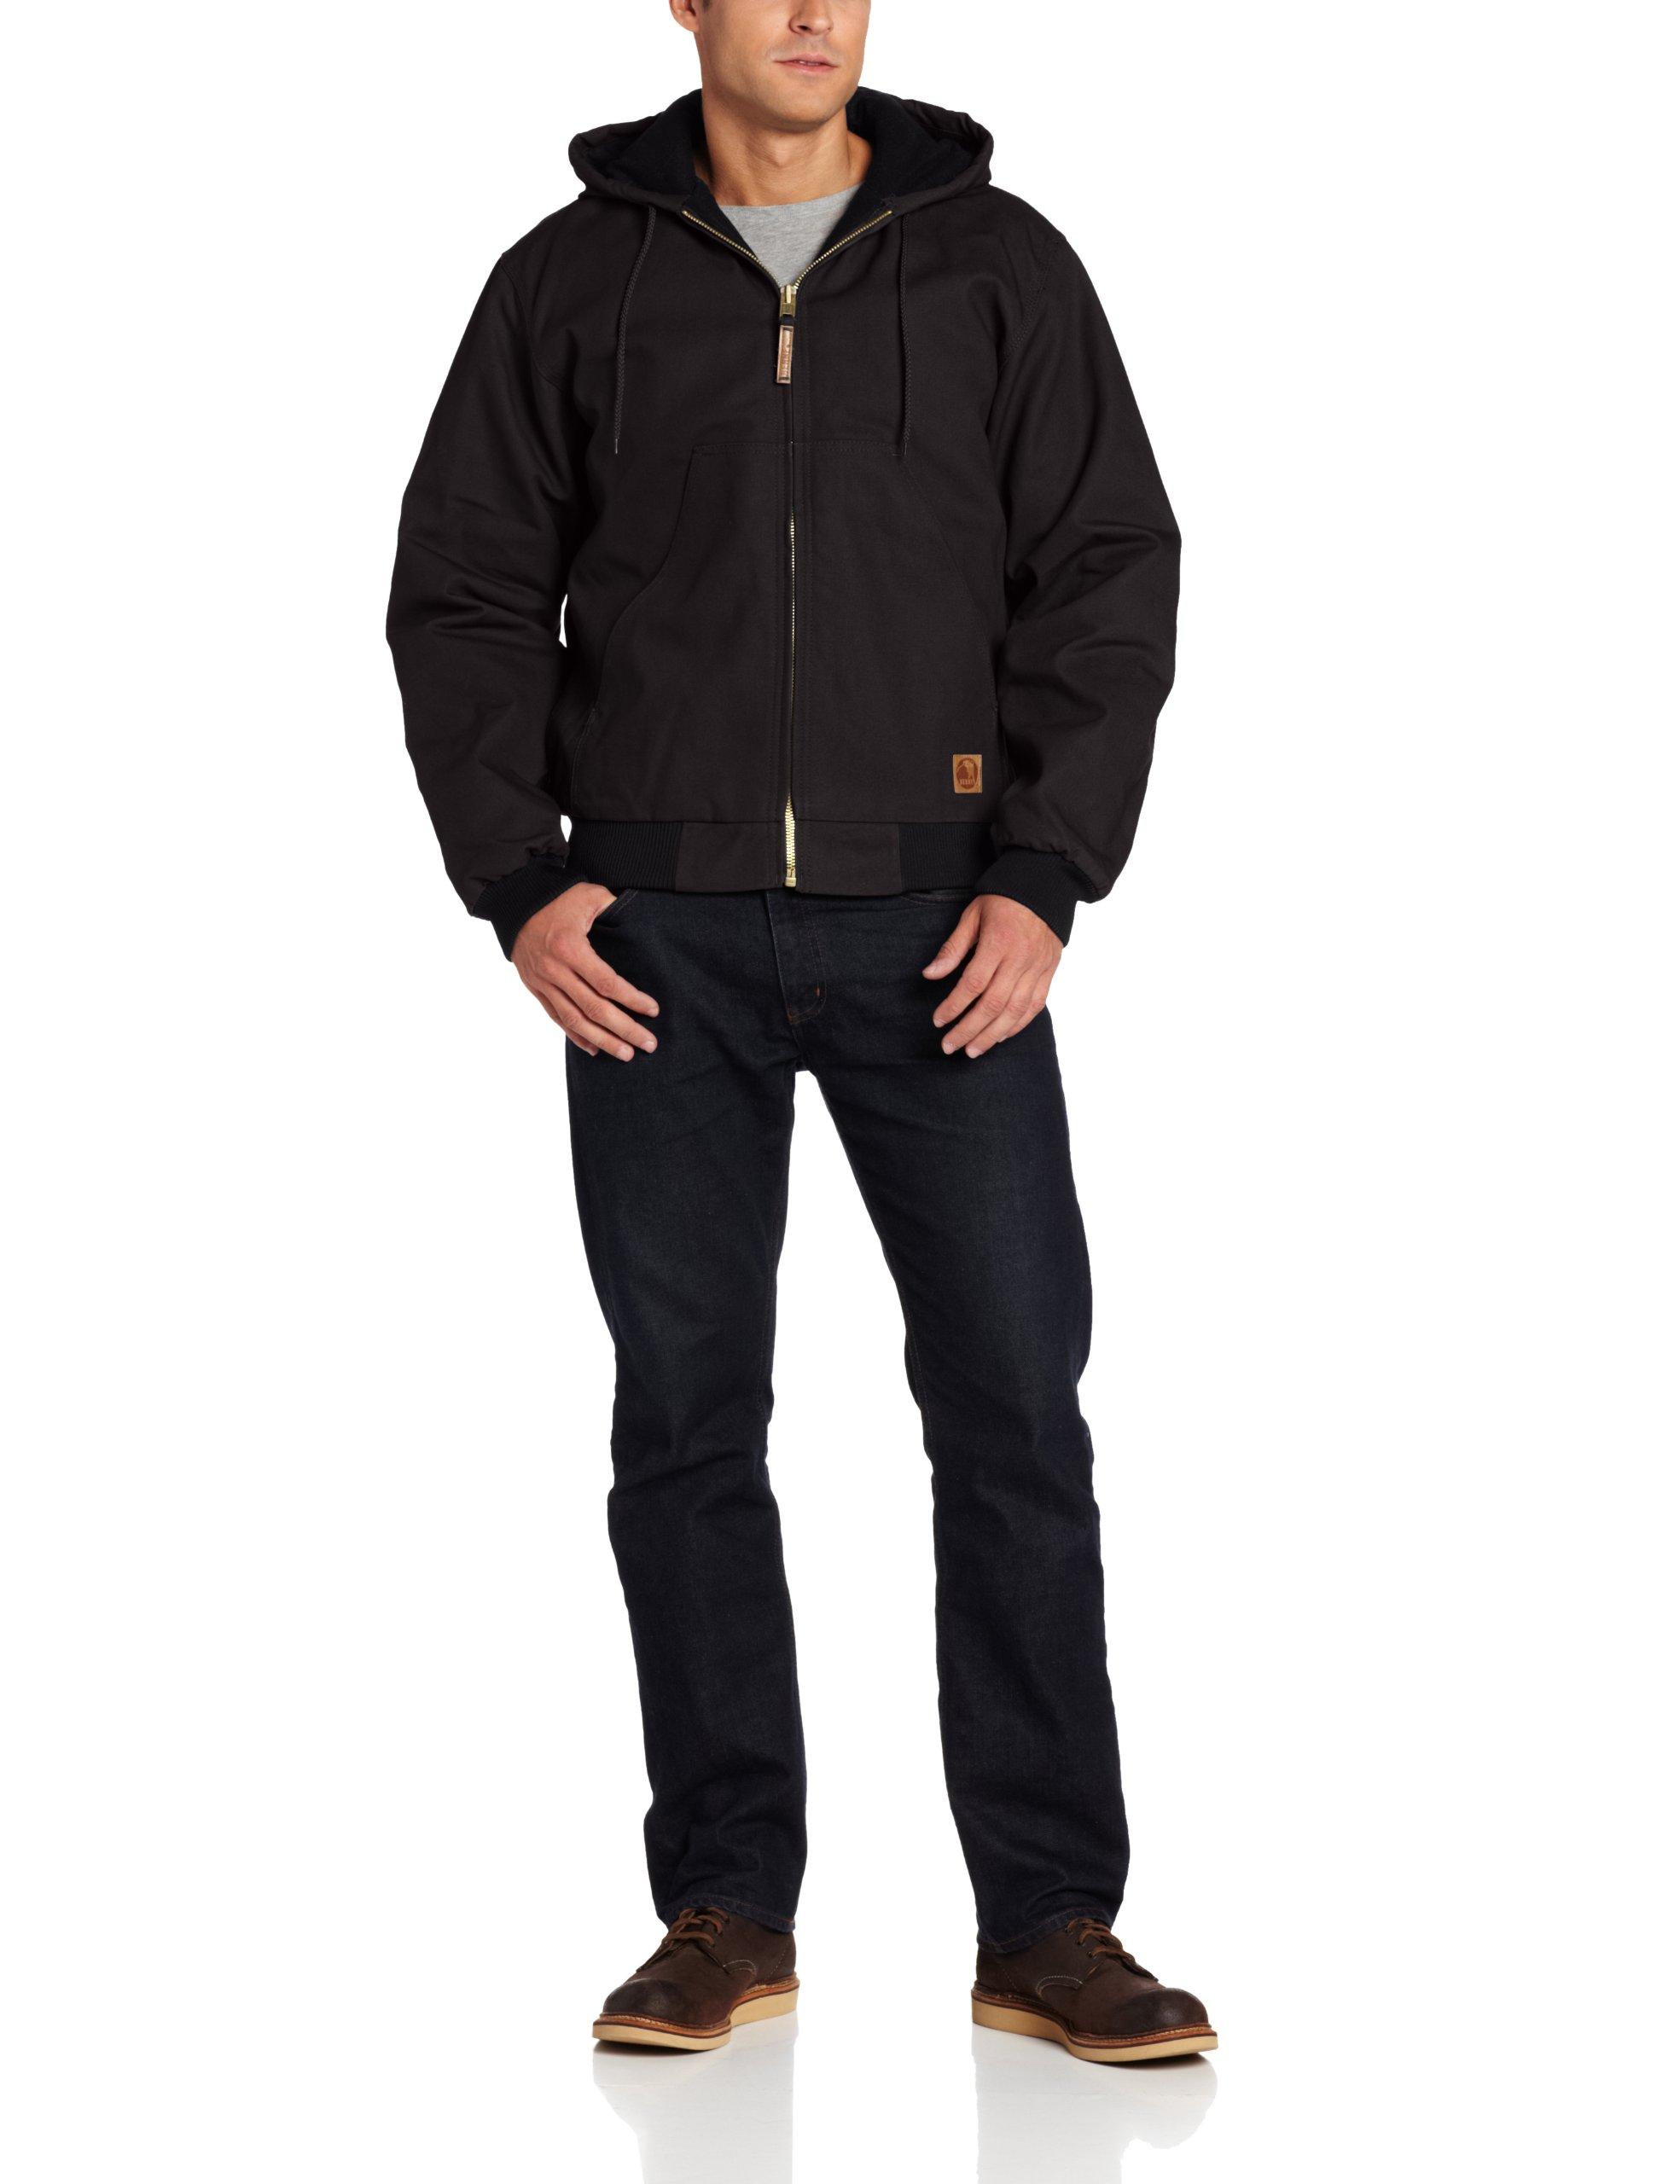 Berne Men's Original Hooded Jacket, Black, XX-Large/Regular